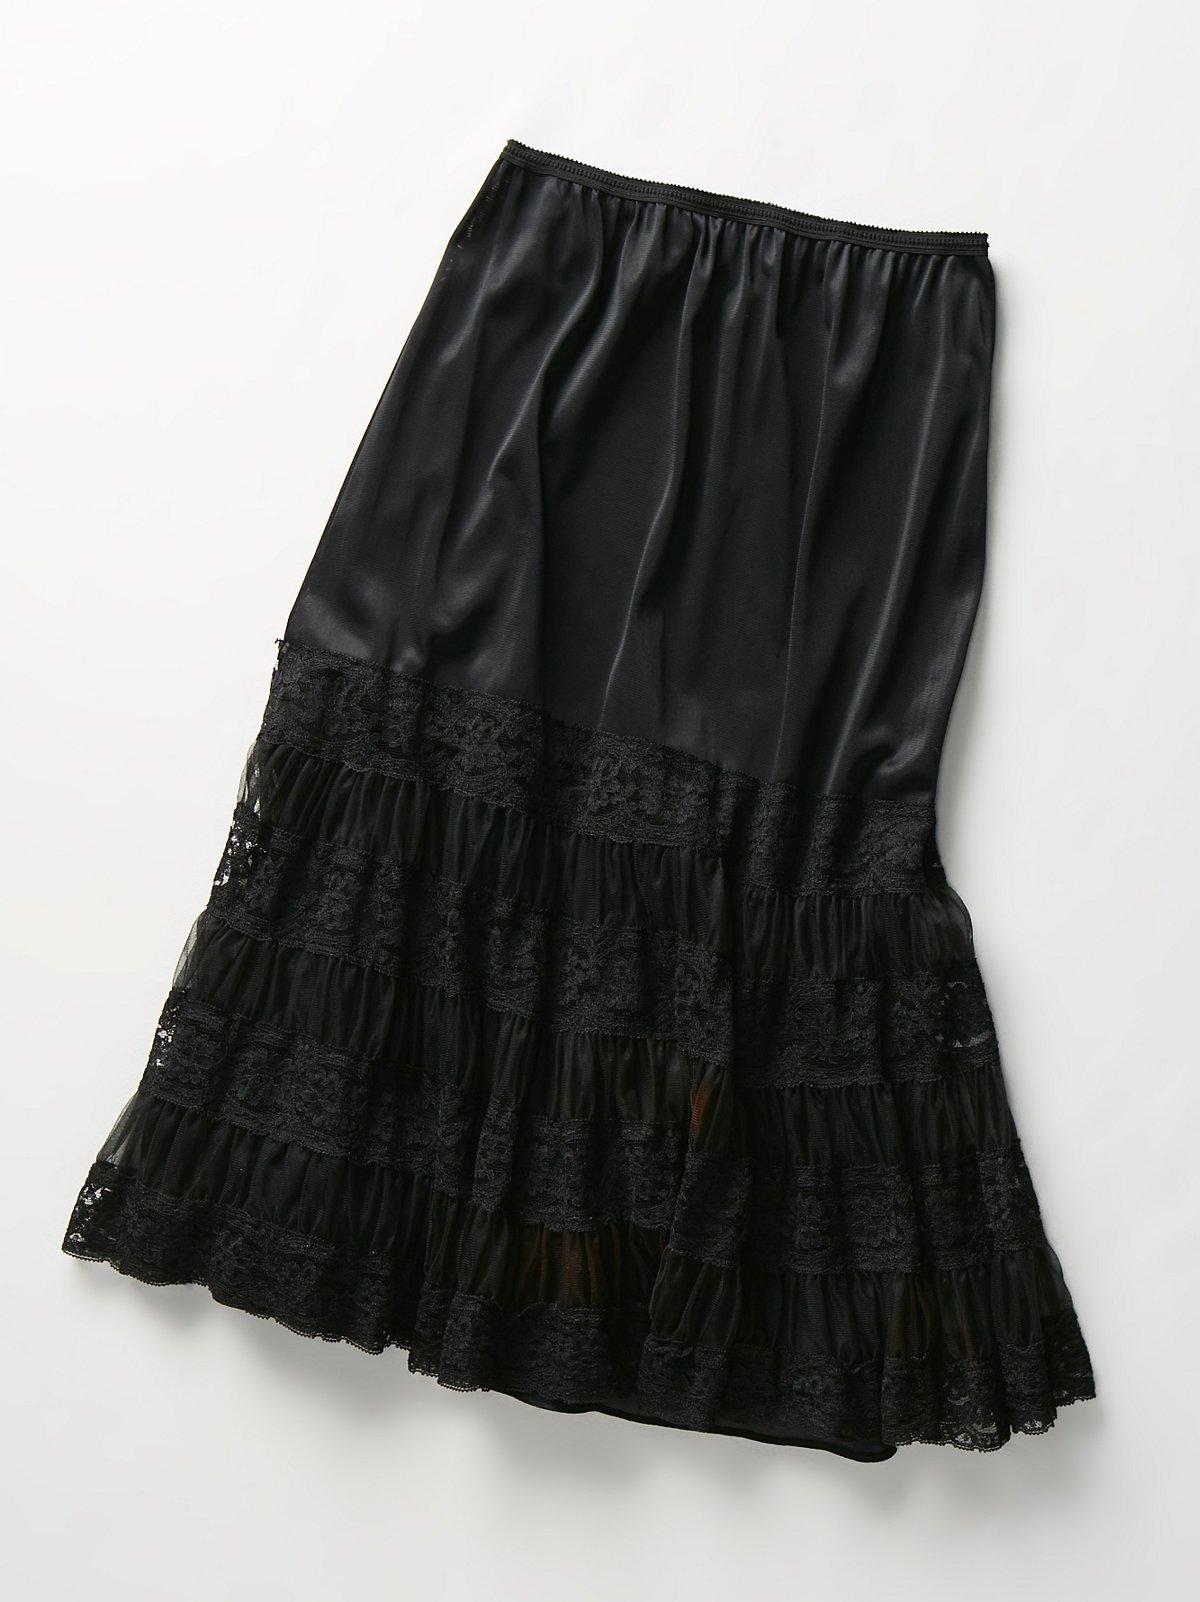 Vintage 1980s Slip Skirt